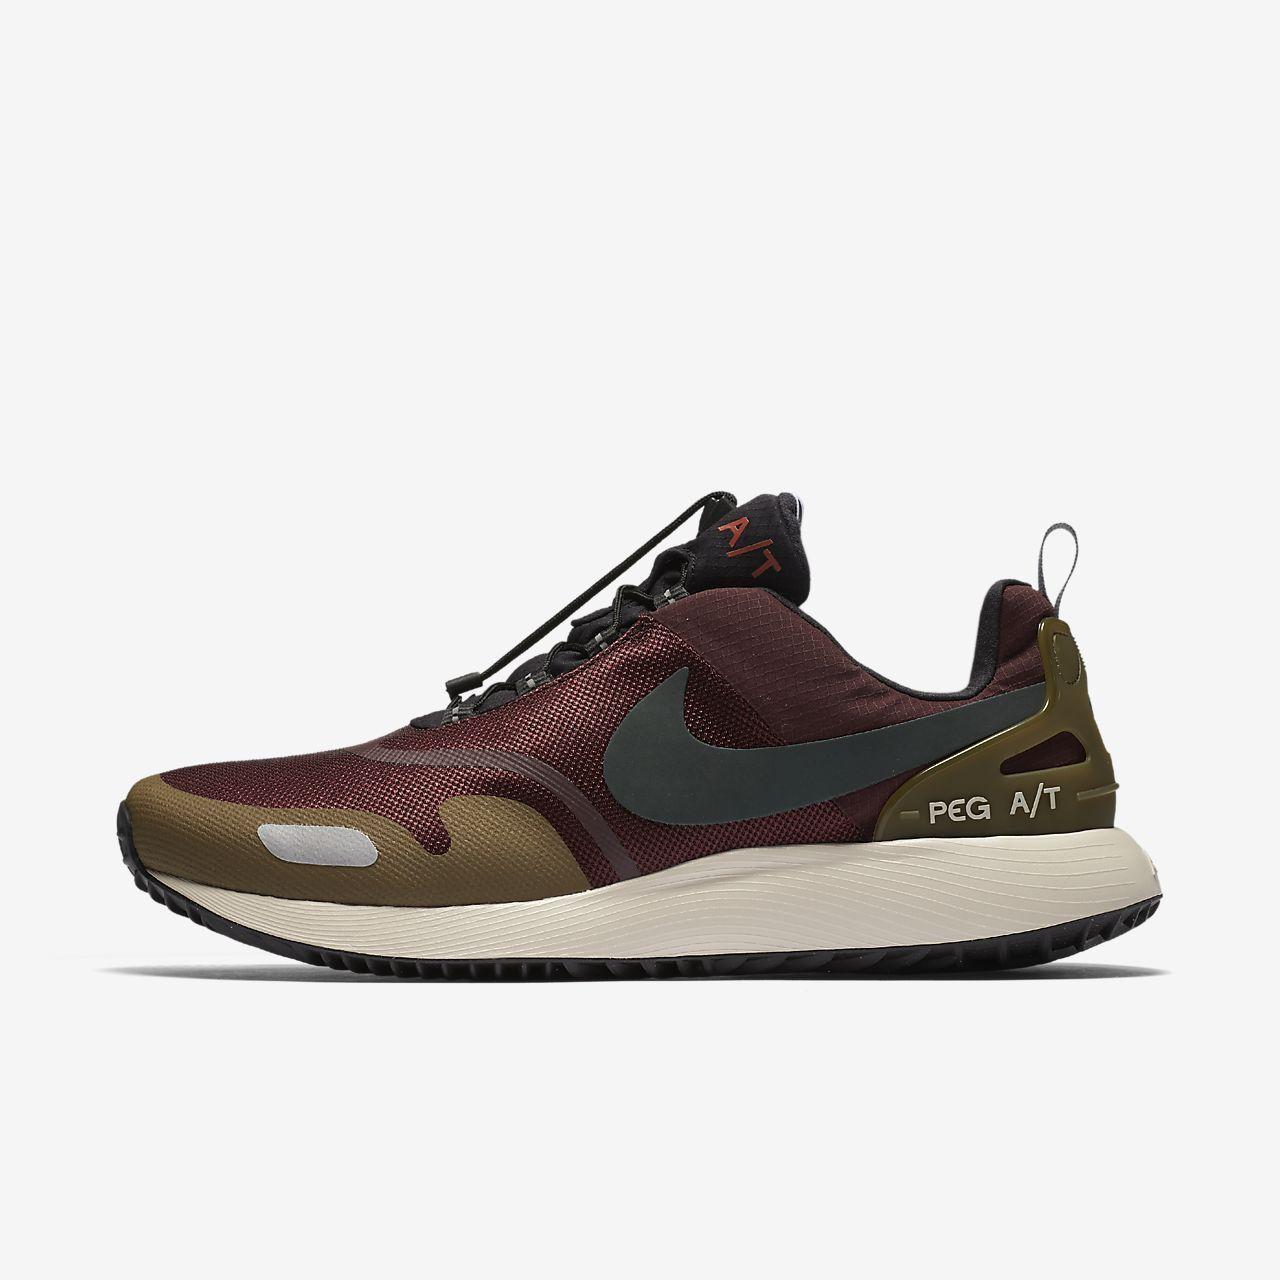 Nike Air Pegasus AT Pinnacle Men's Shoe